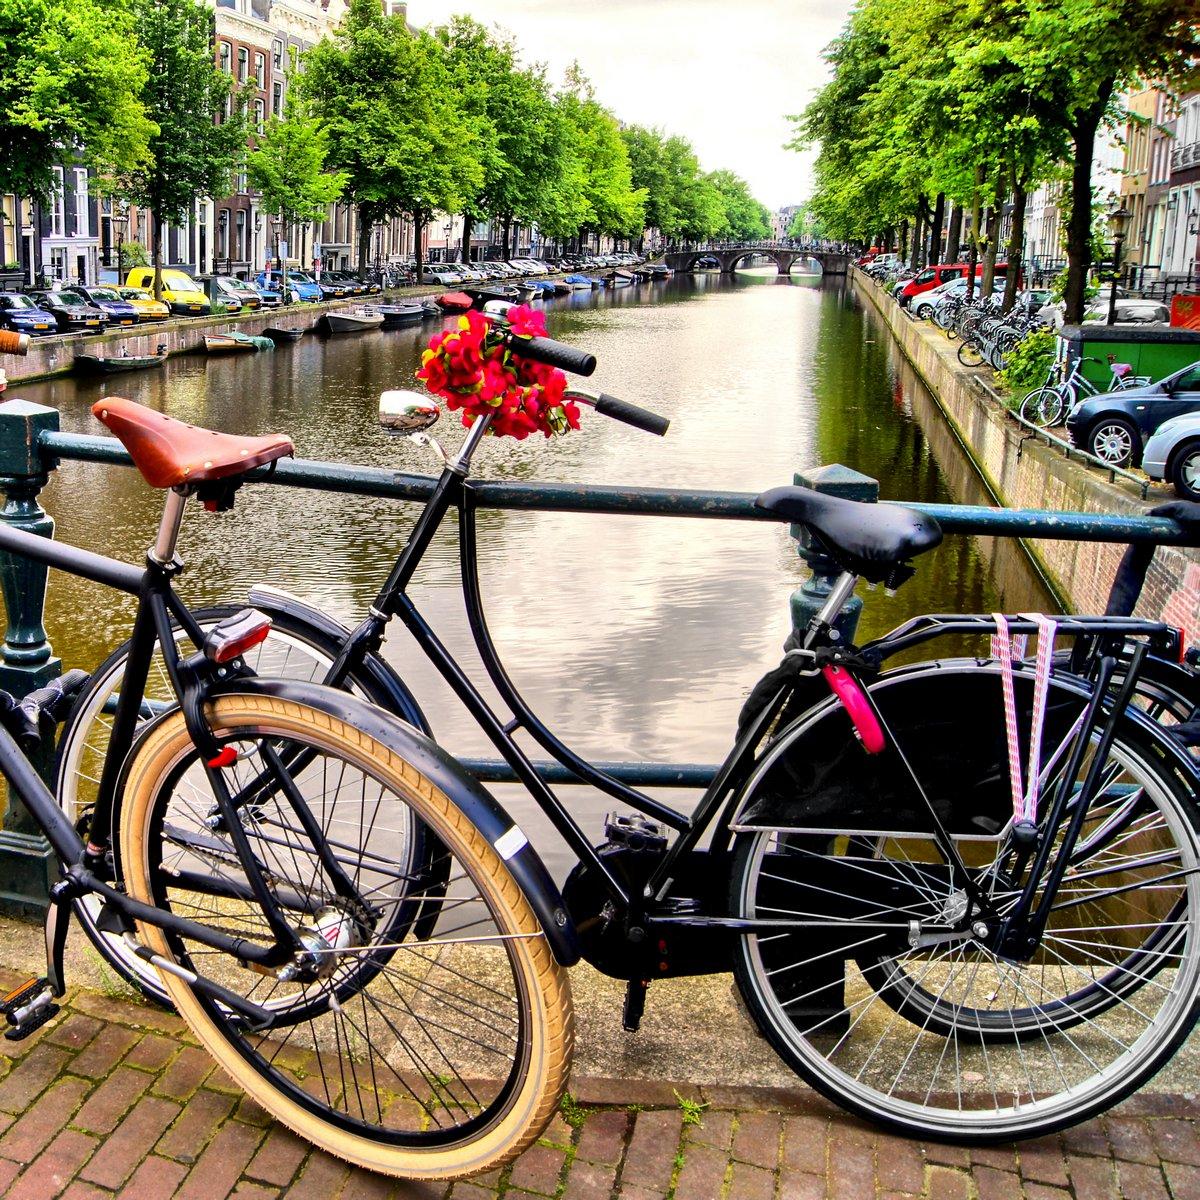 Постер Голландия Велосипед вдоль канала в Амстердаме, НидерландыГолландия<br>Постер на холсте или бумаге. Любого нужного вам размера. В раме или без. Подвес в комплекте. Трехслойная надежная упаковка. Доставим в любую точку России. Вам осталось только повесить картину на стену!<br>